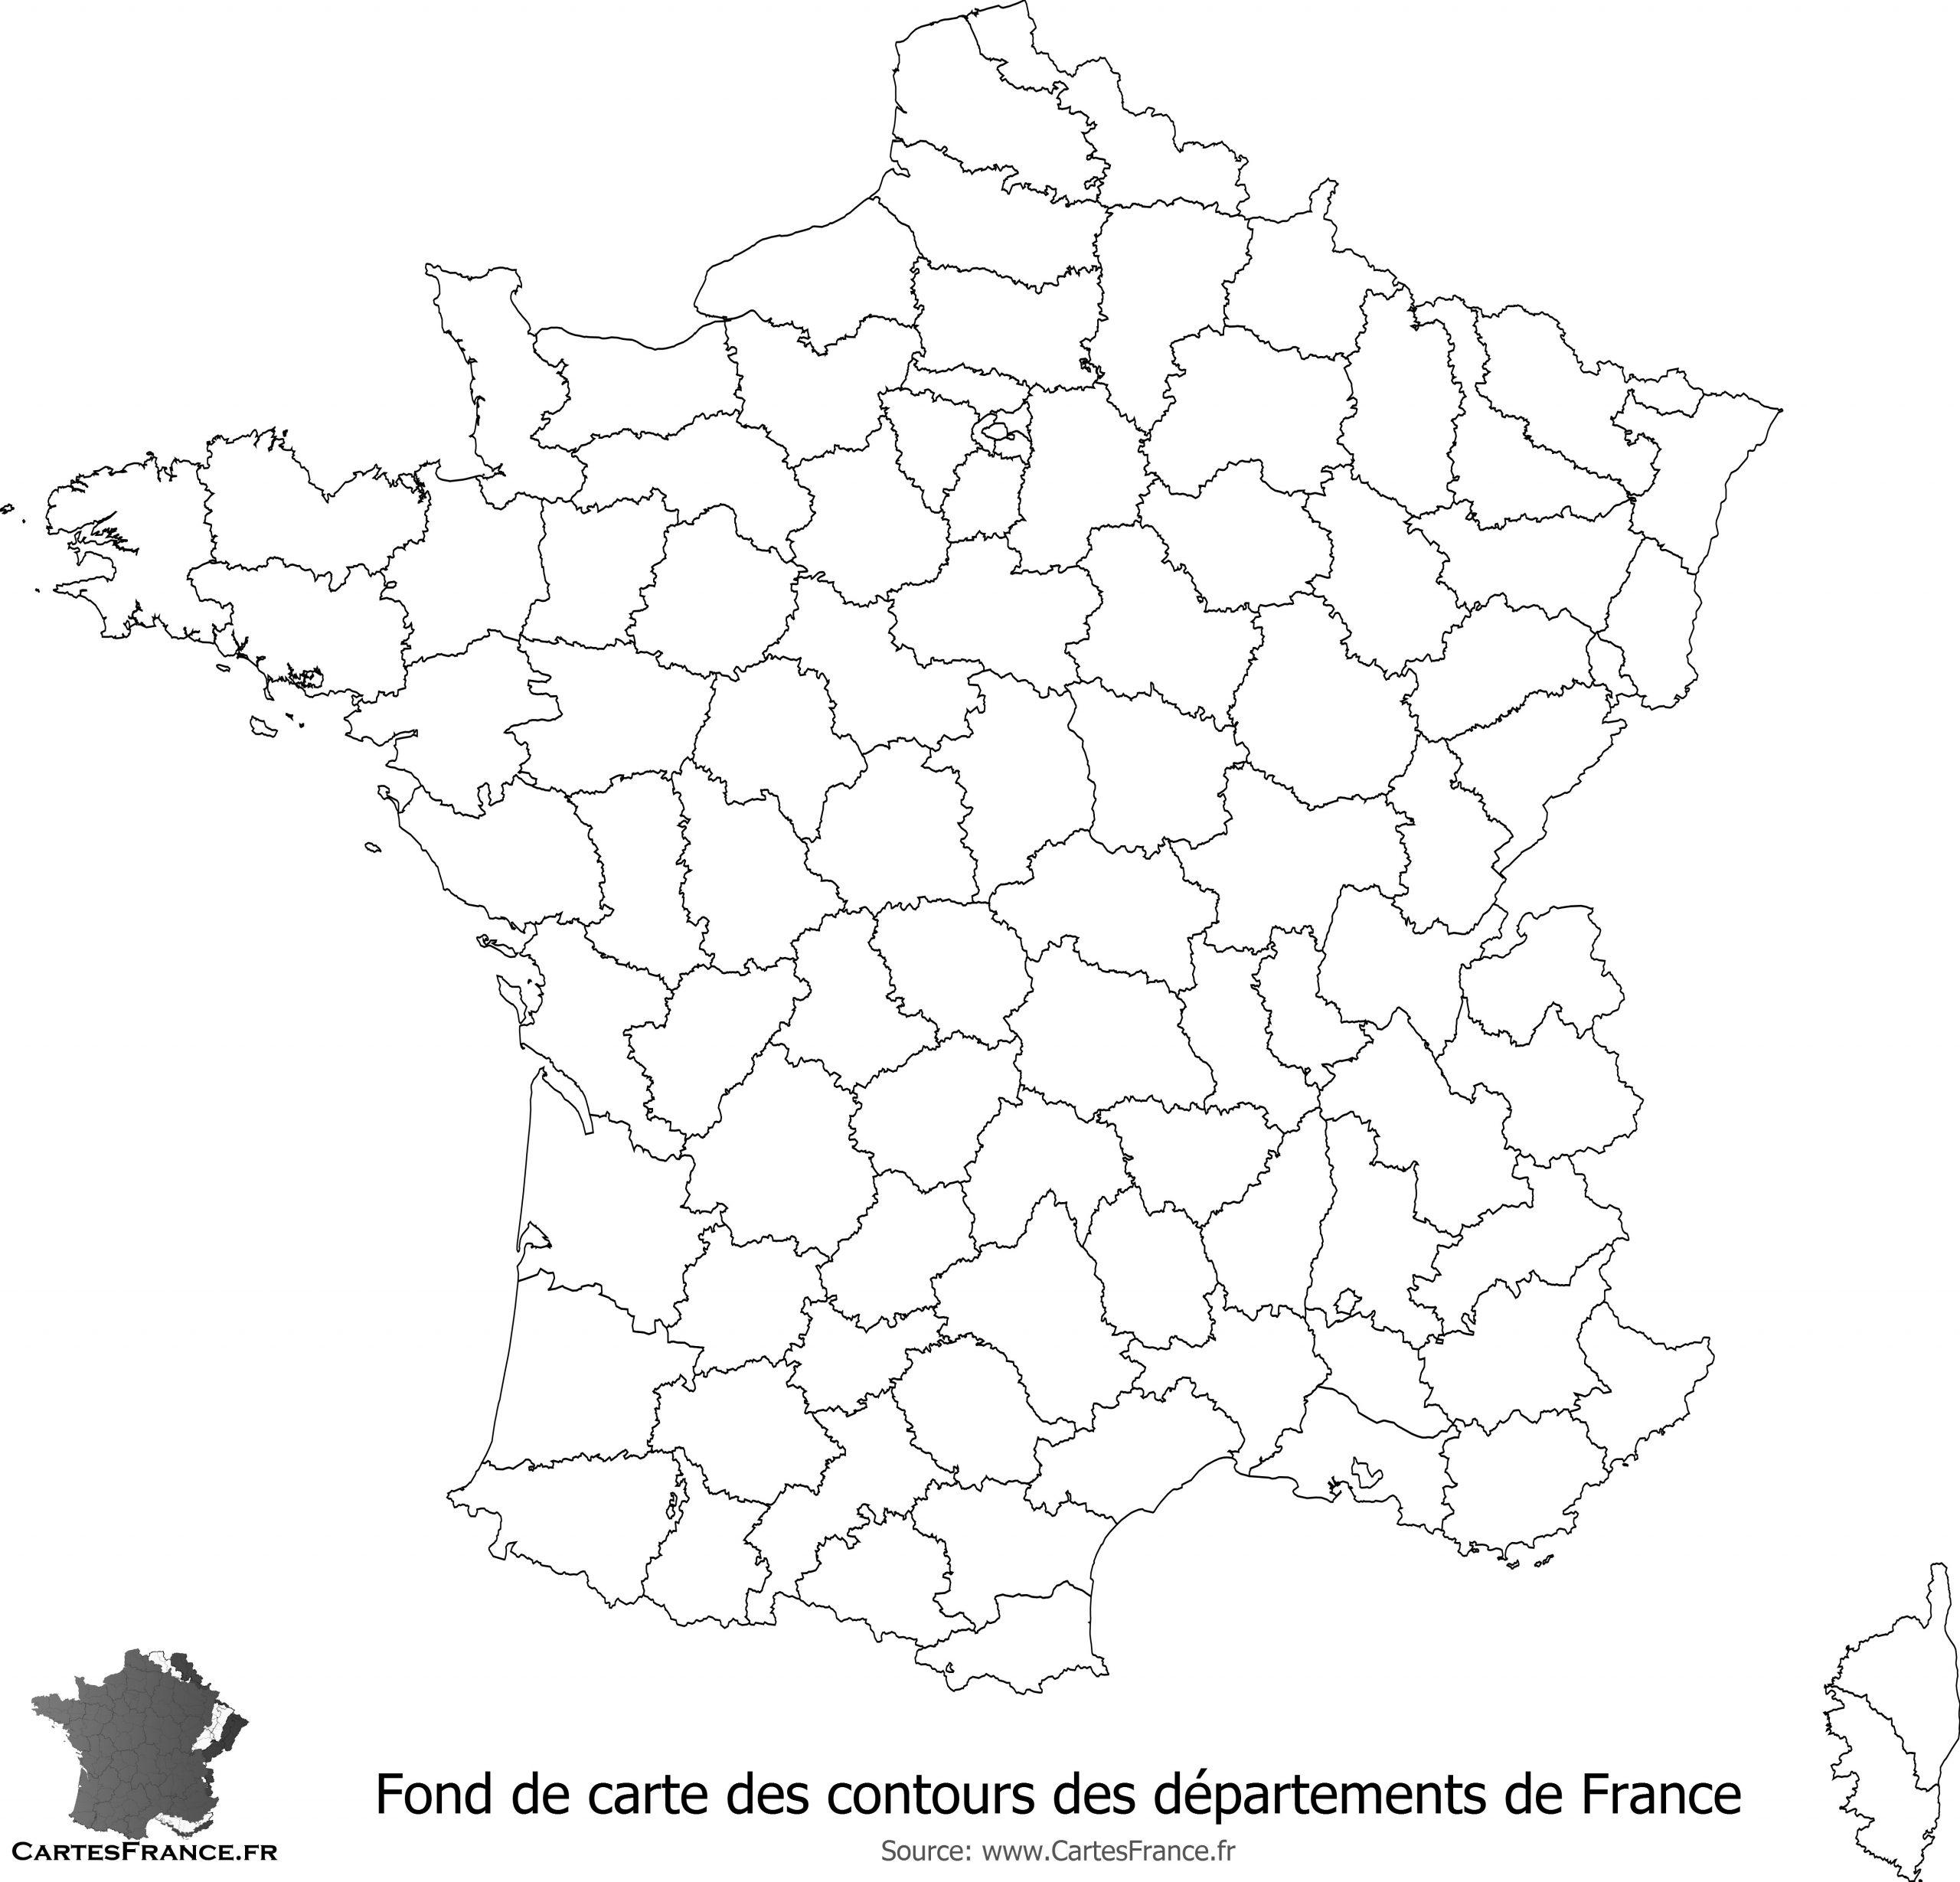 Fond De Carte Des Contours Des Départements De France pour Carte France Département Vierge